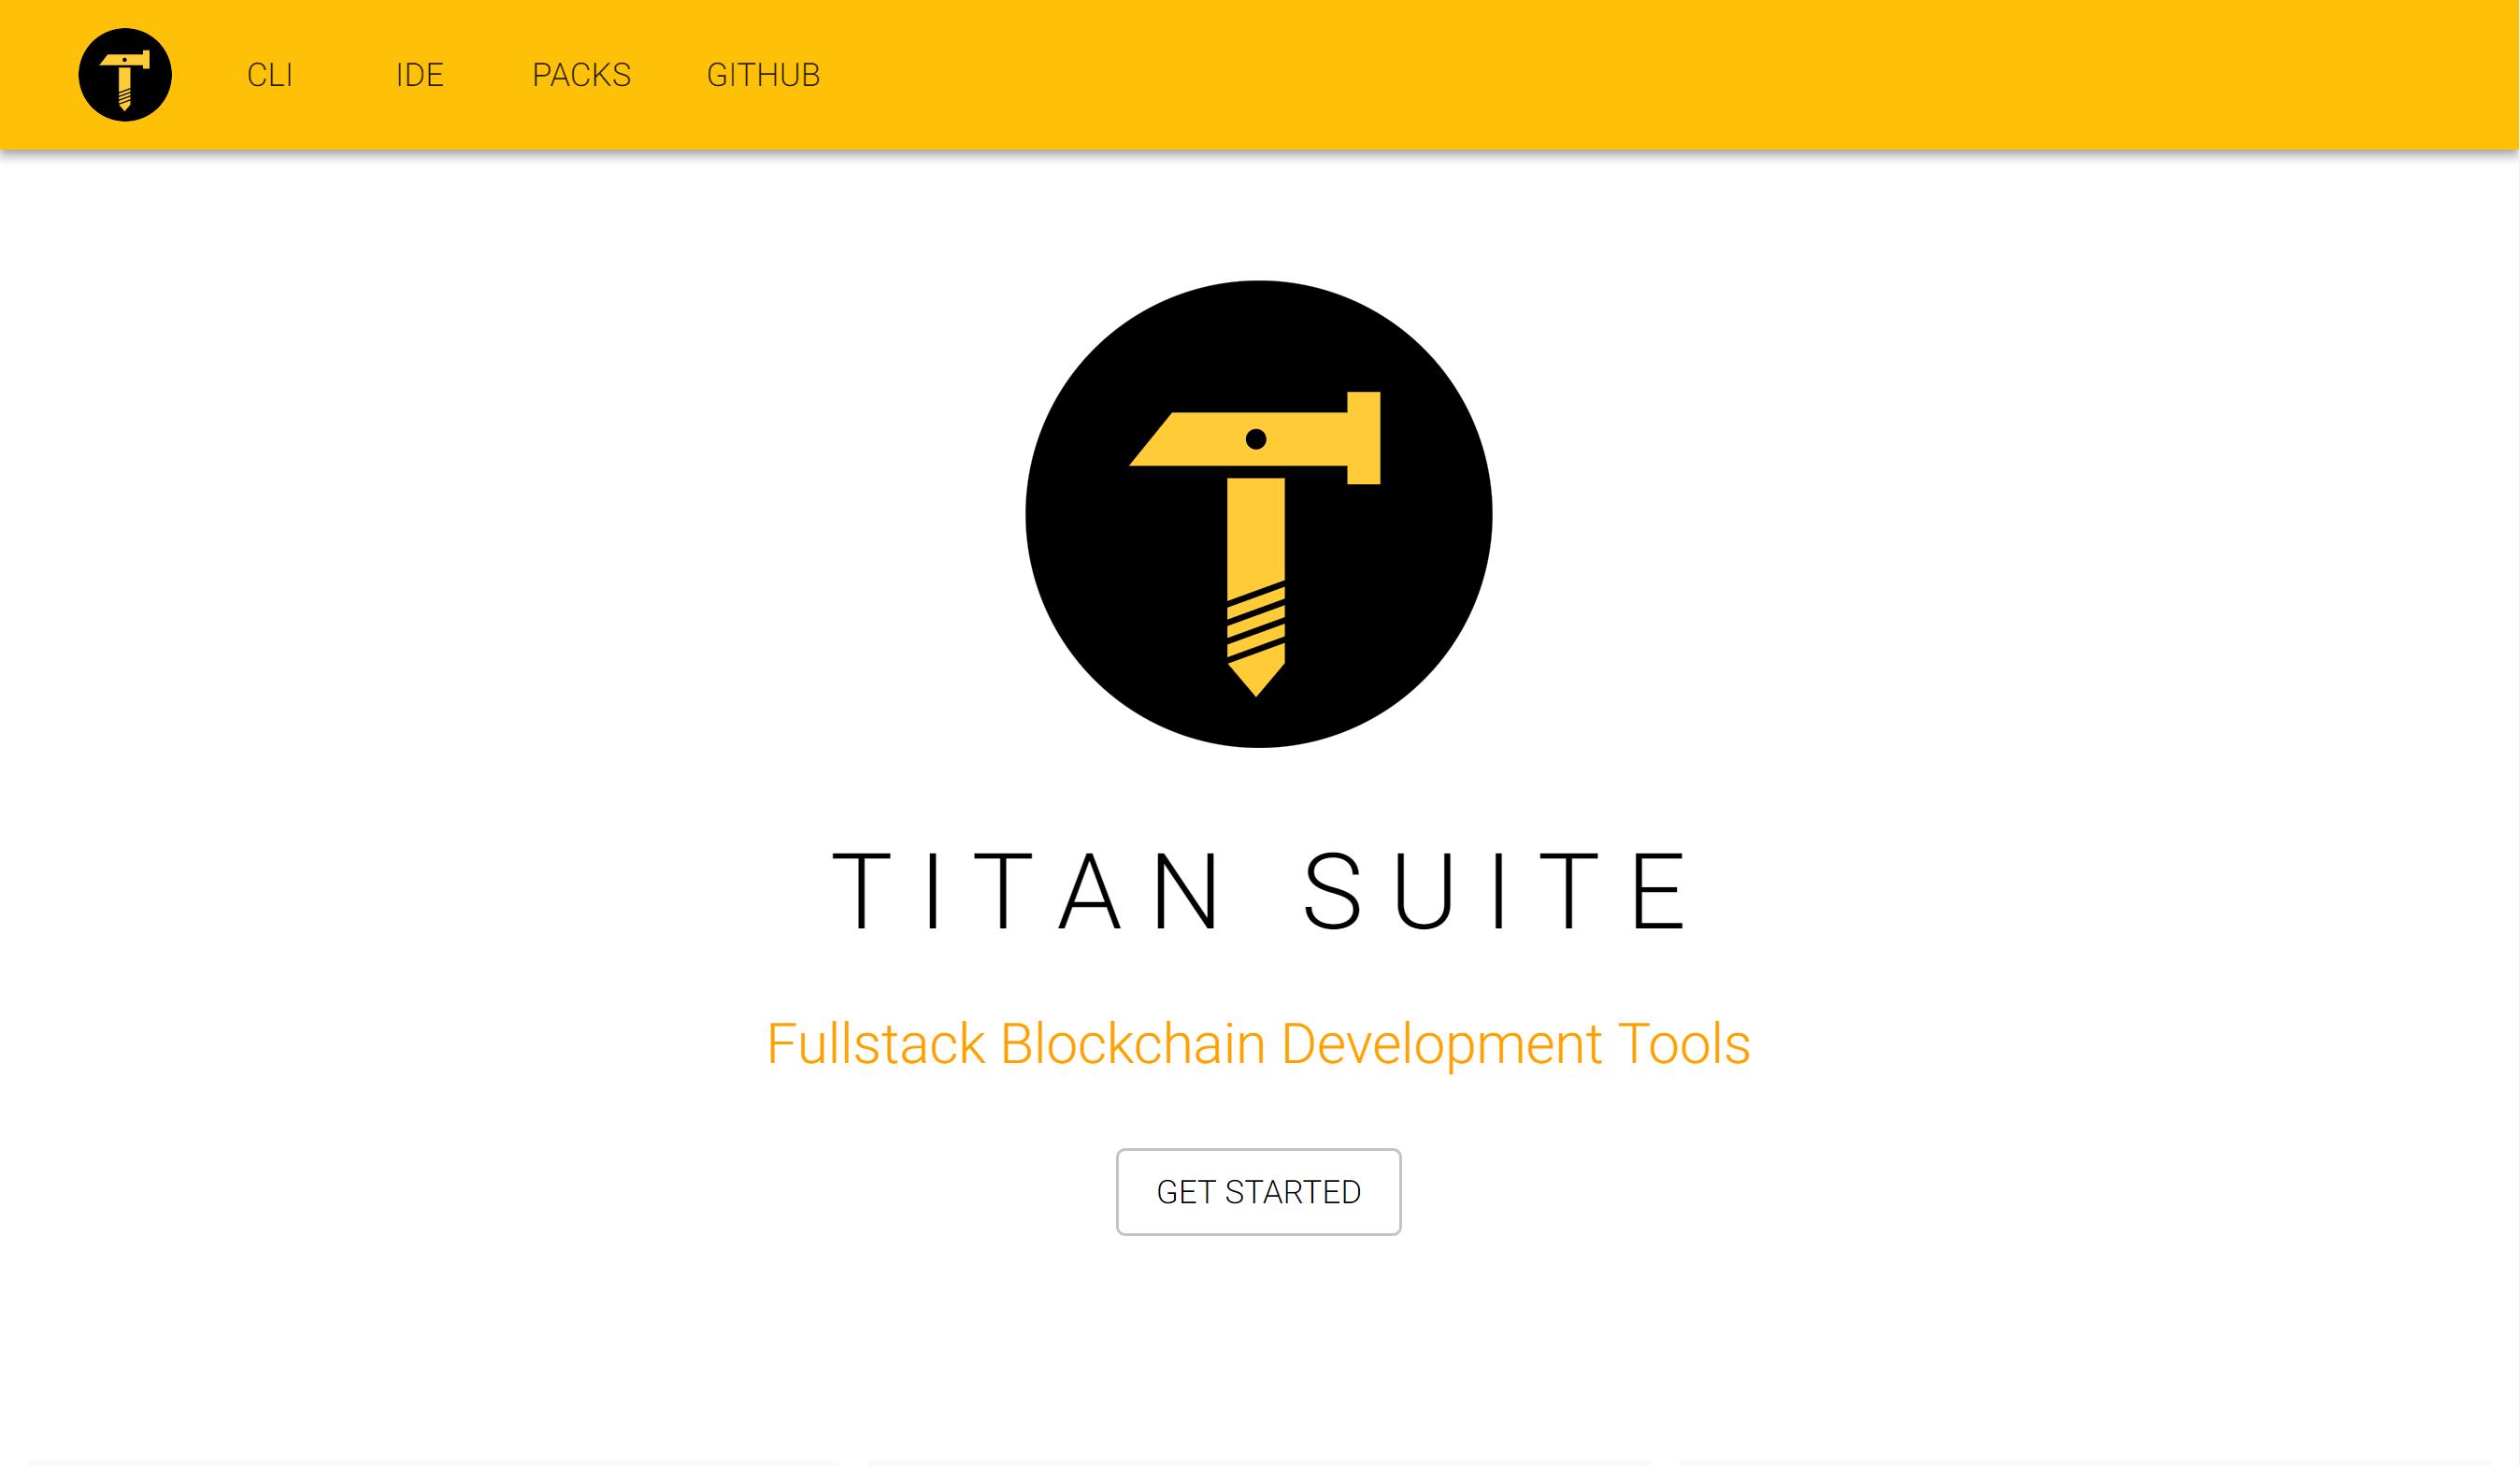 https://titan-suite.com/